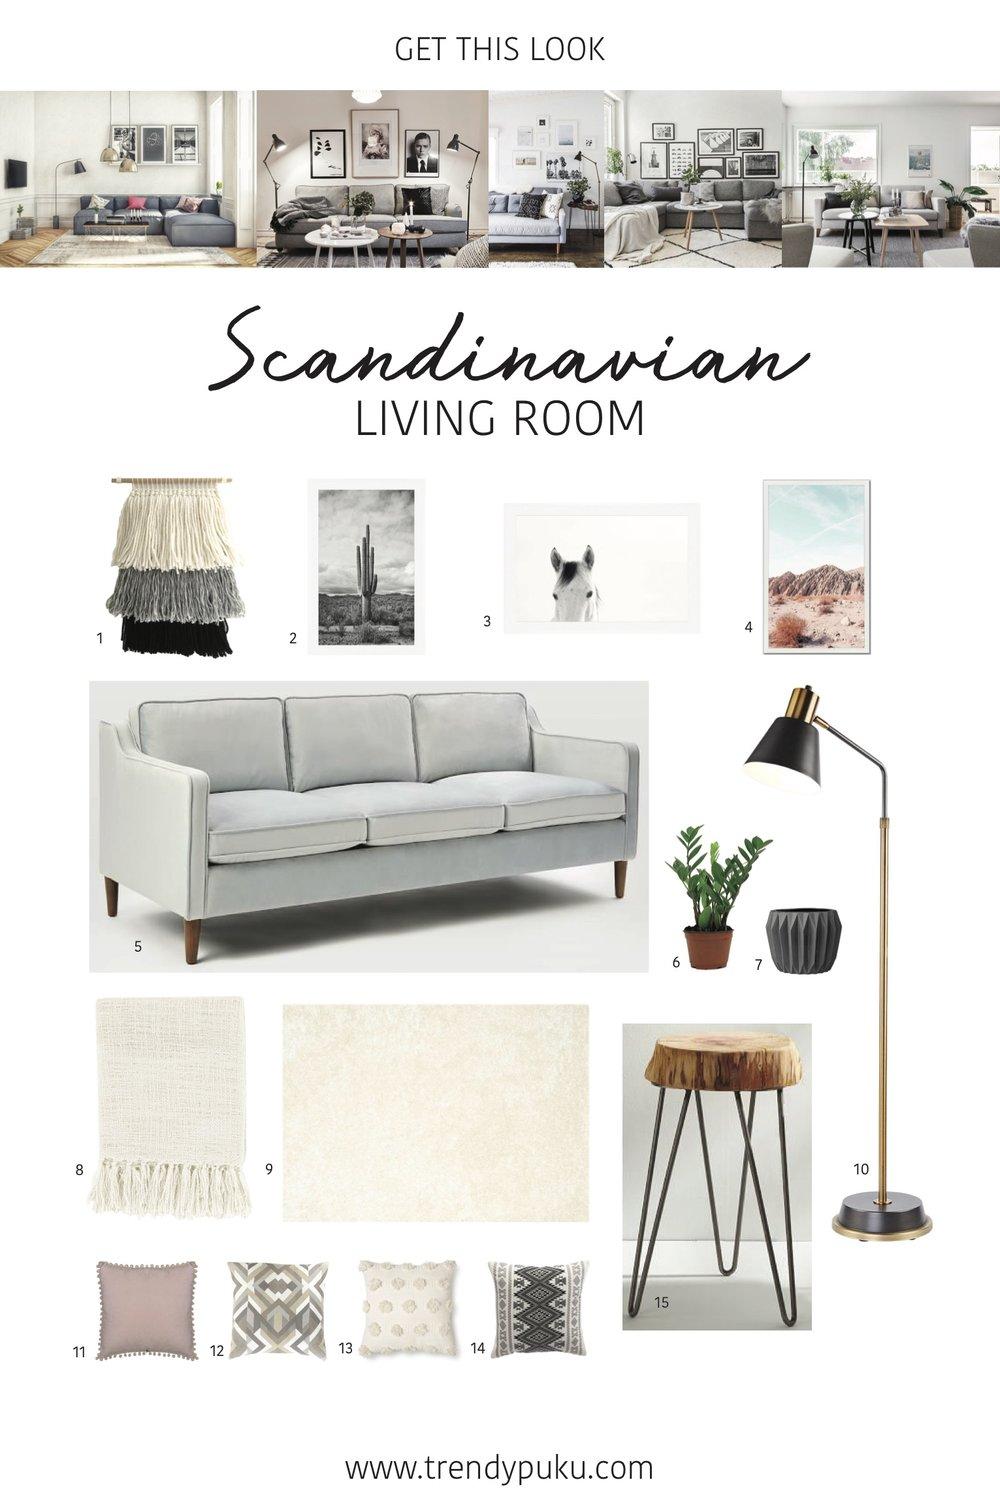 Scandinavian Living Room.jpg